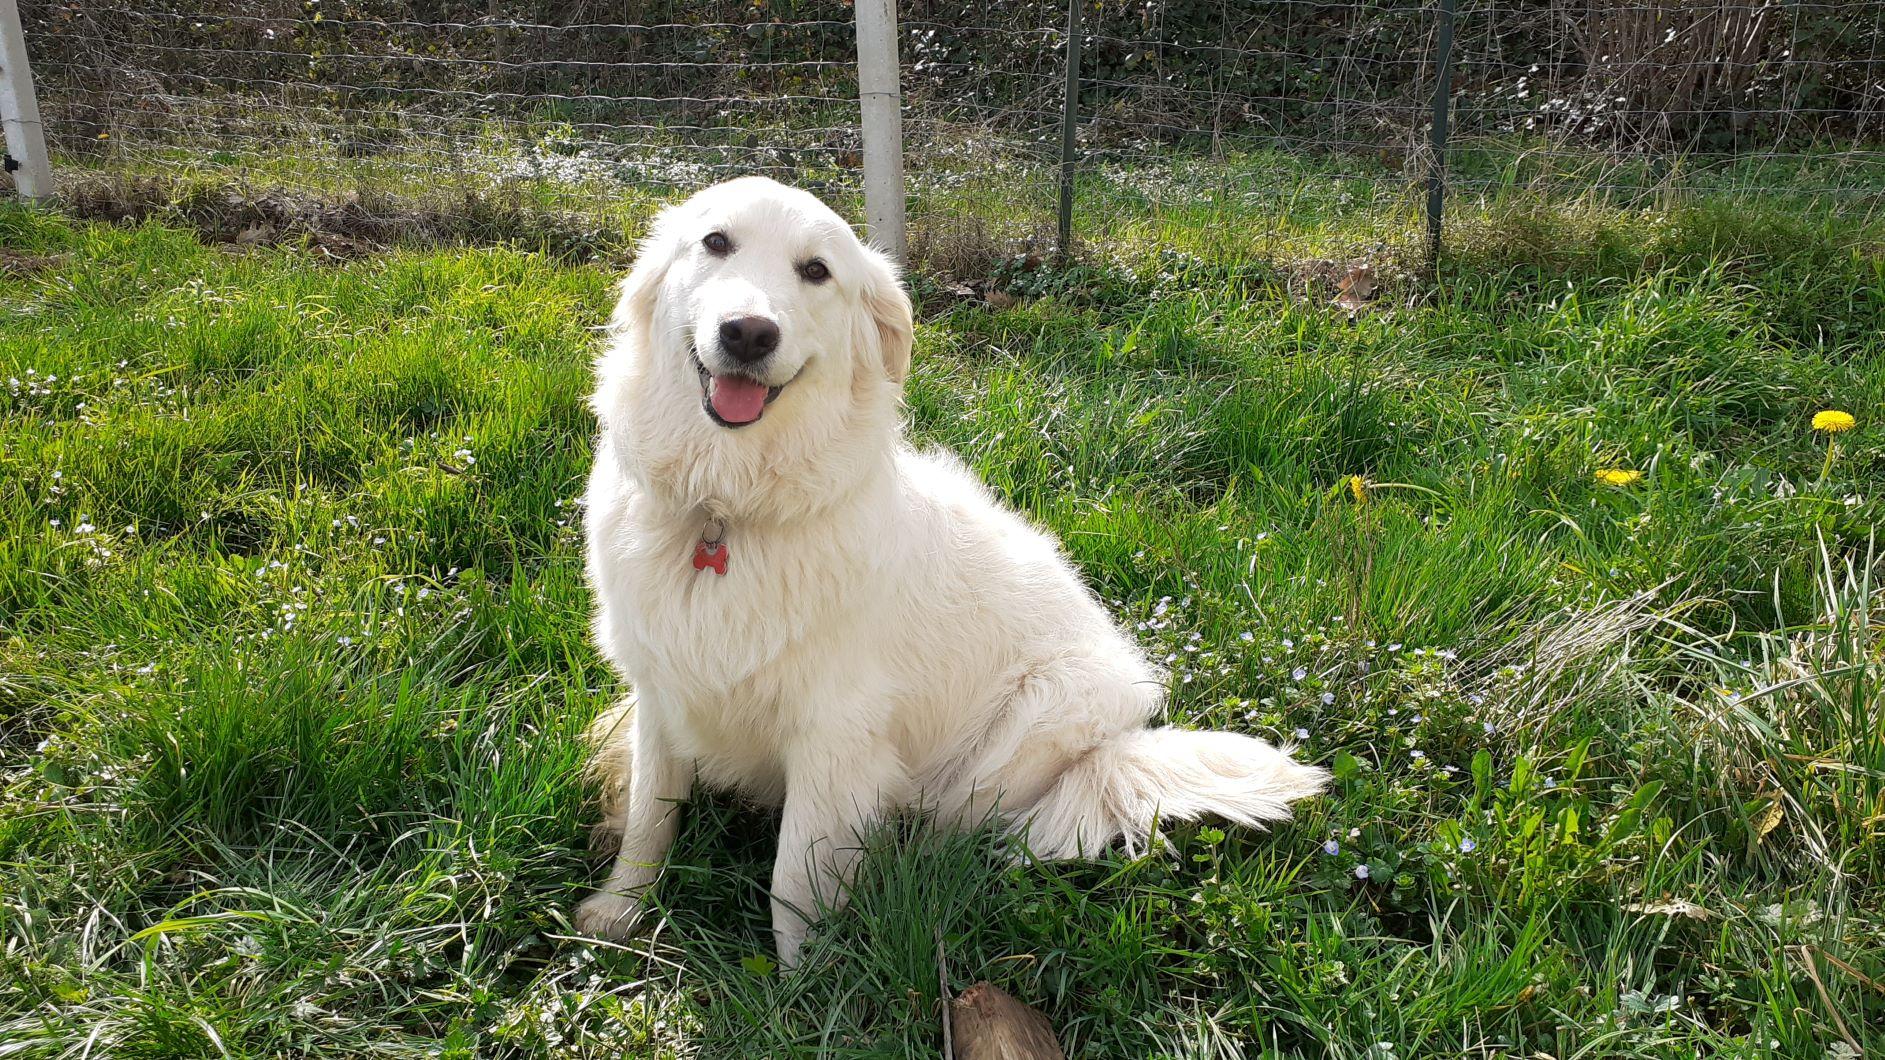 chienne type golden - cours éducation canine à domicile